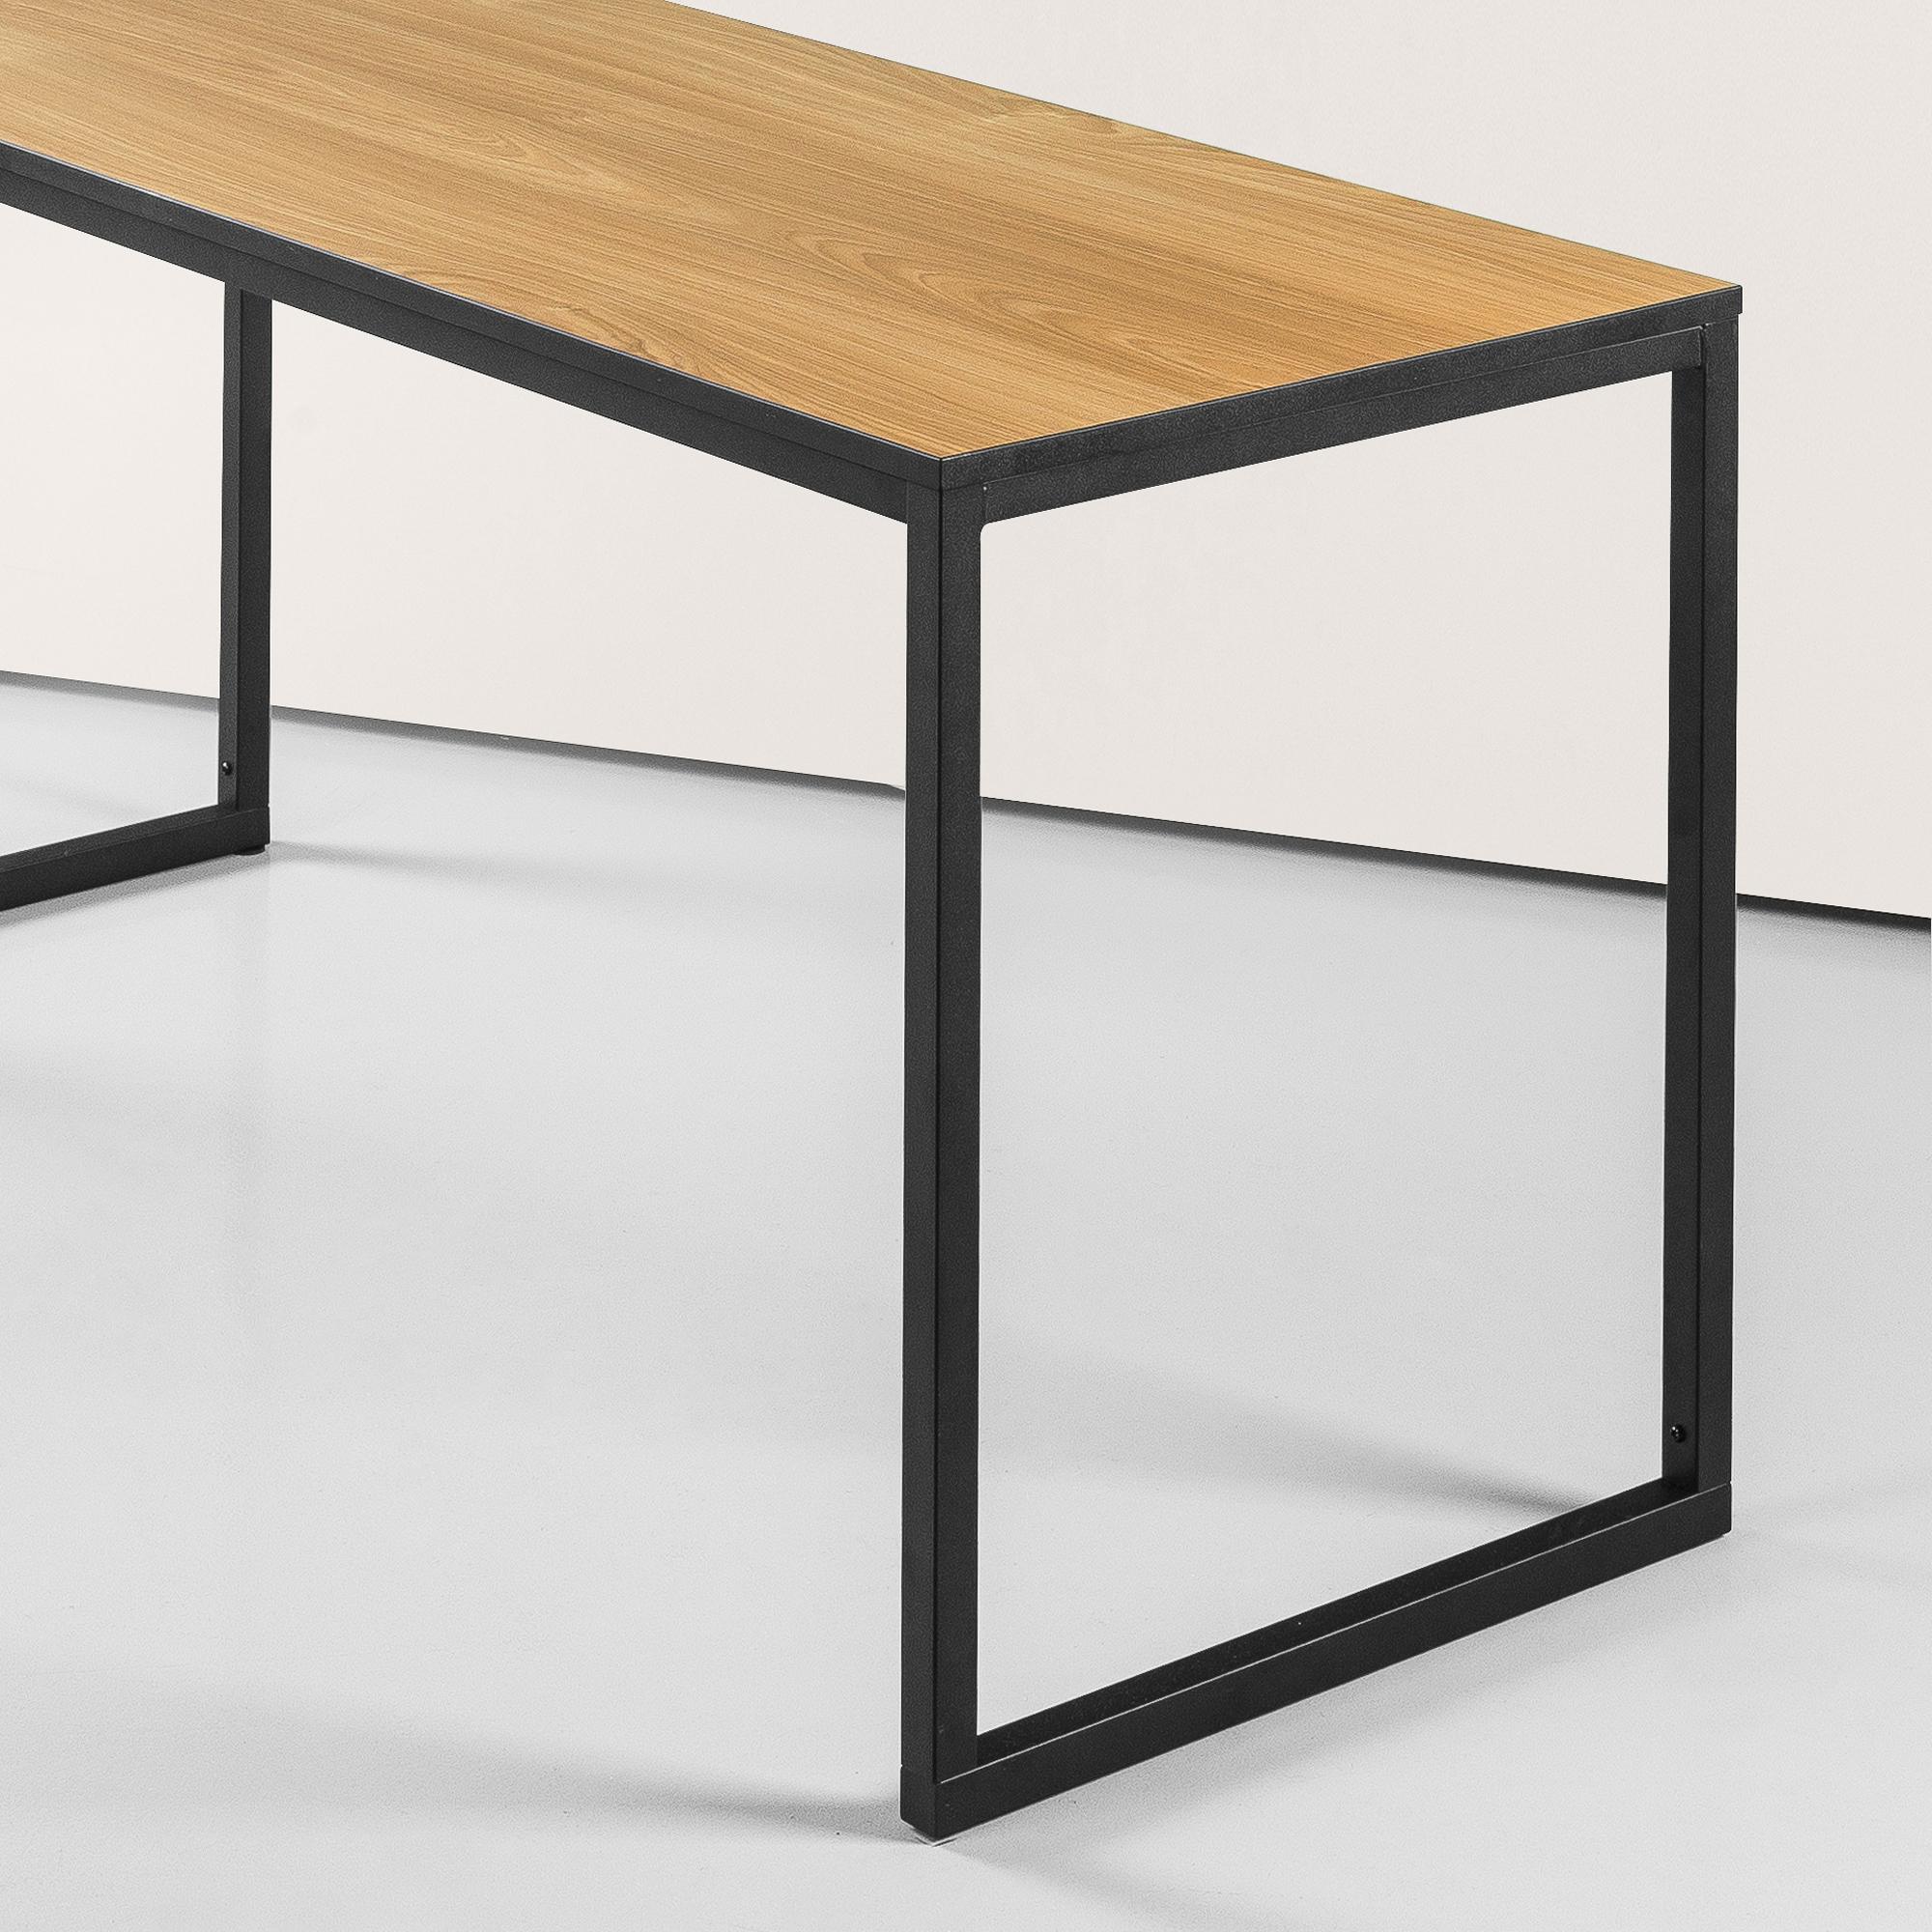 NEW-Harper-Wood-amp-Steel-Desk-Studio-Home-Desks thumbnail 10